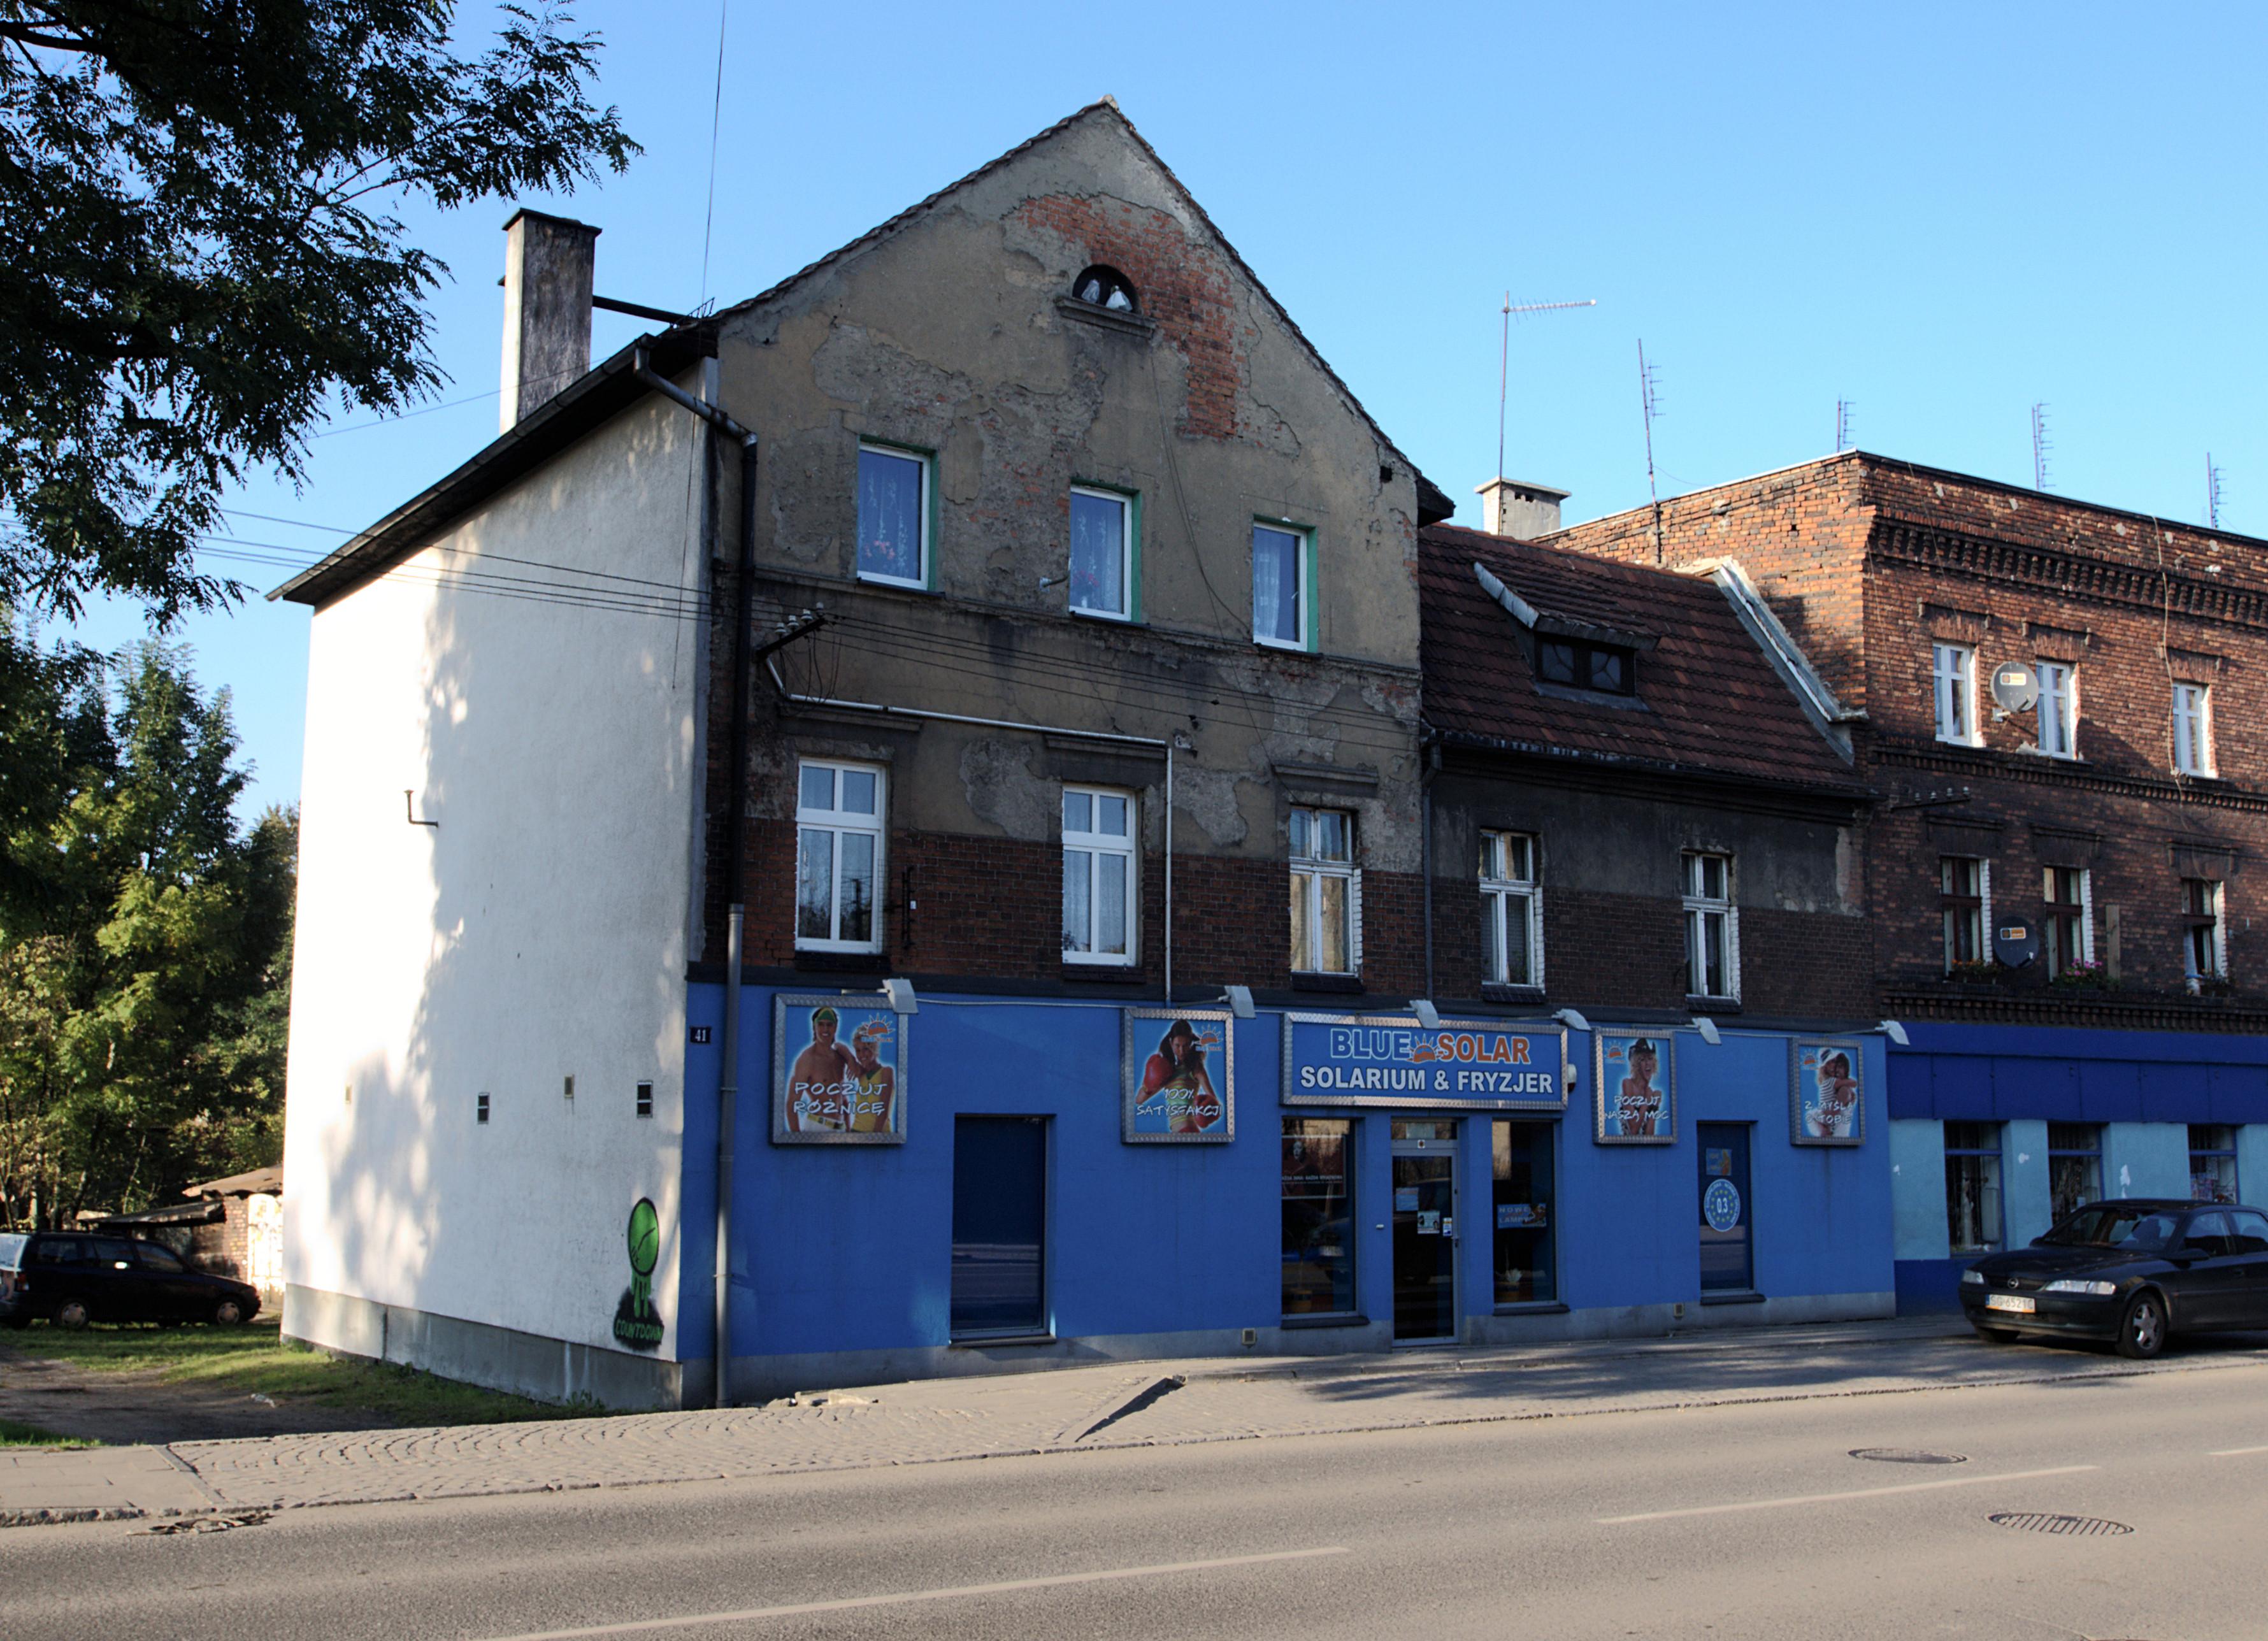 Filegliwice Sikorskiego 41 03 10 2010 Pa034158jpg Wikimedia Commons